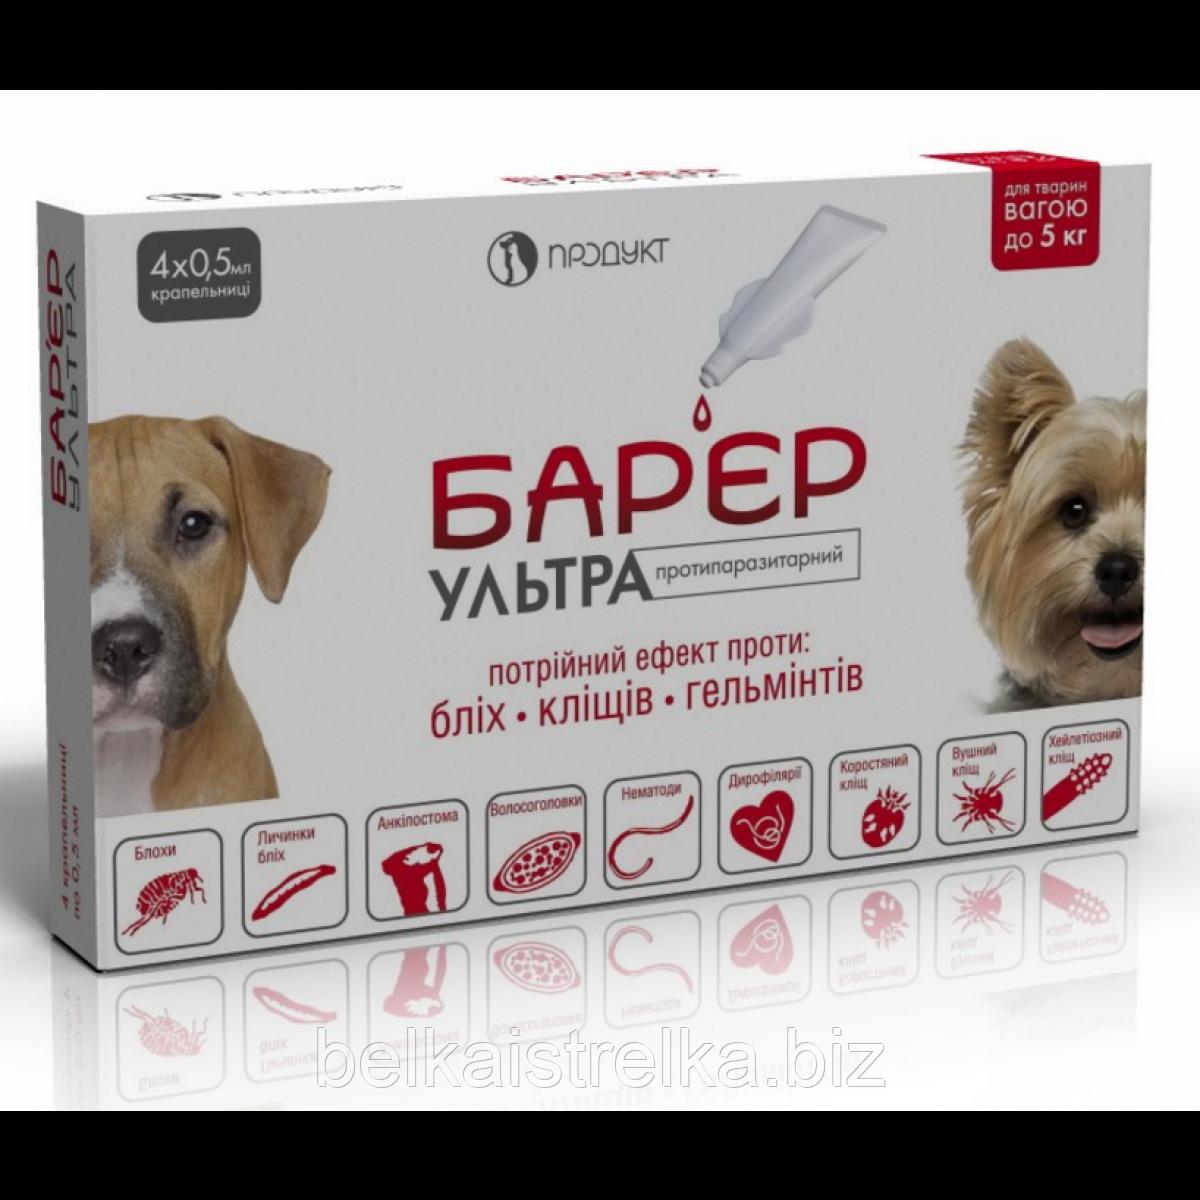 Барьер Ультра от блох, клещей и гельминтов для собак весом до 5 кг, 4 пип.*0,5 мл, (срок 4.20)